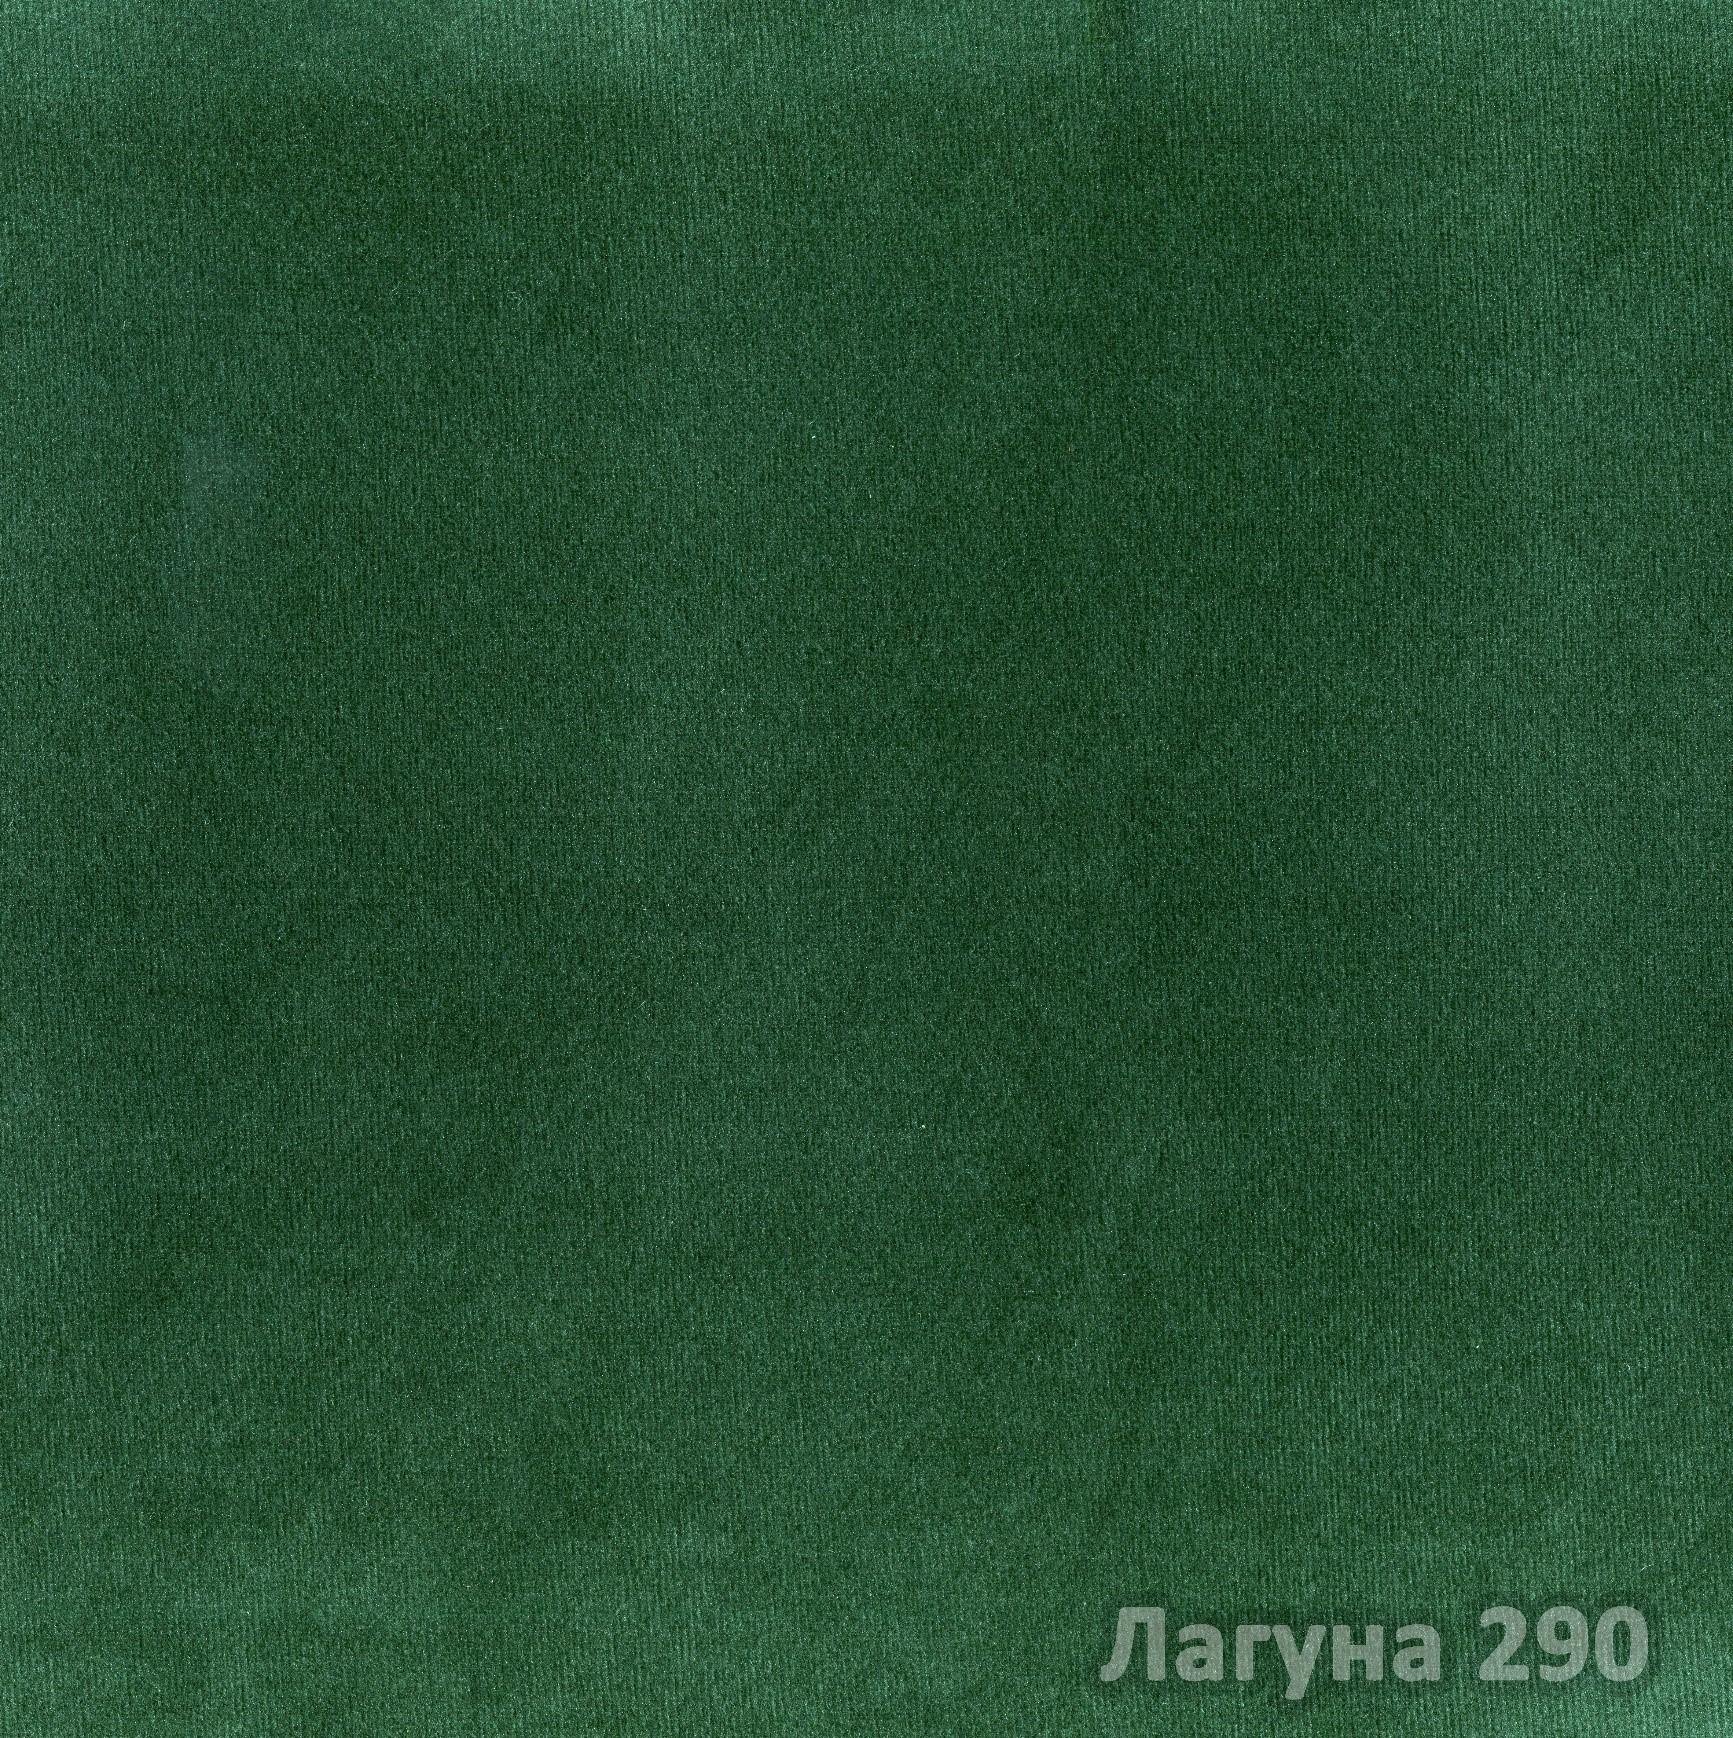 Коллекция ткани Лагуна 290,  купить ткань Велюр для мебели Украина